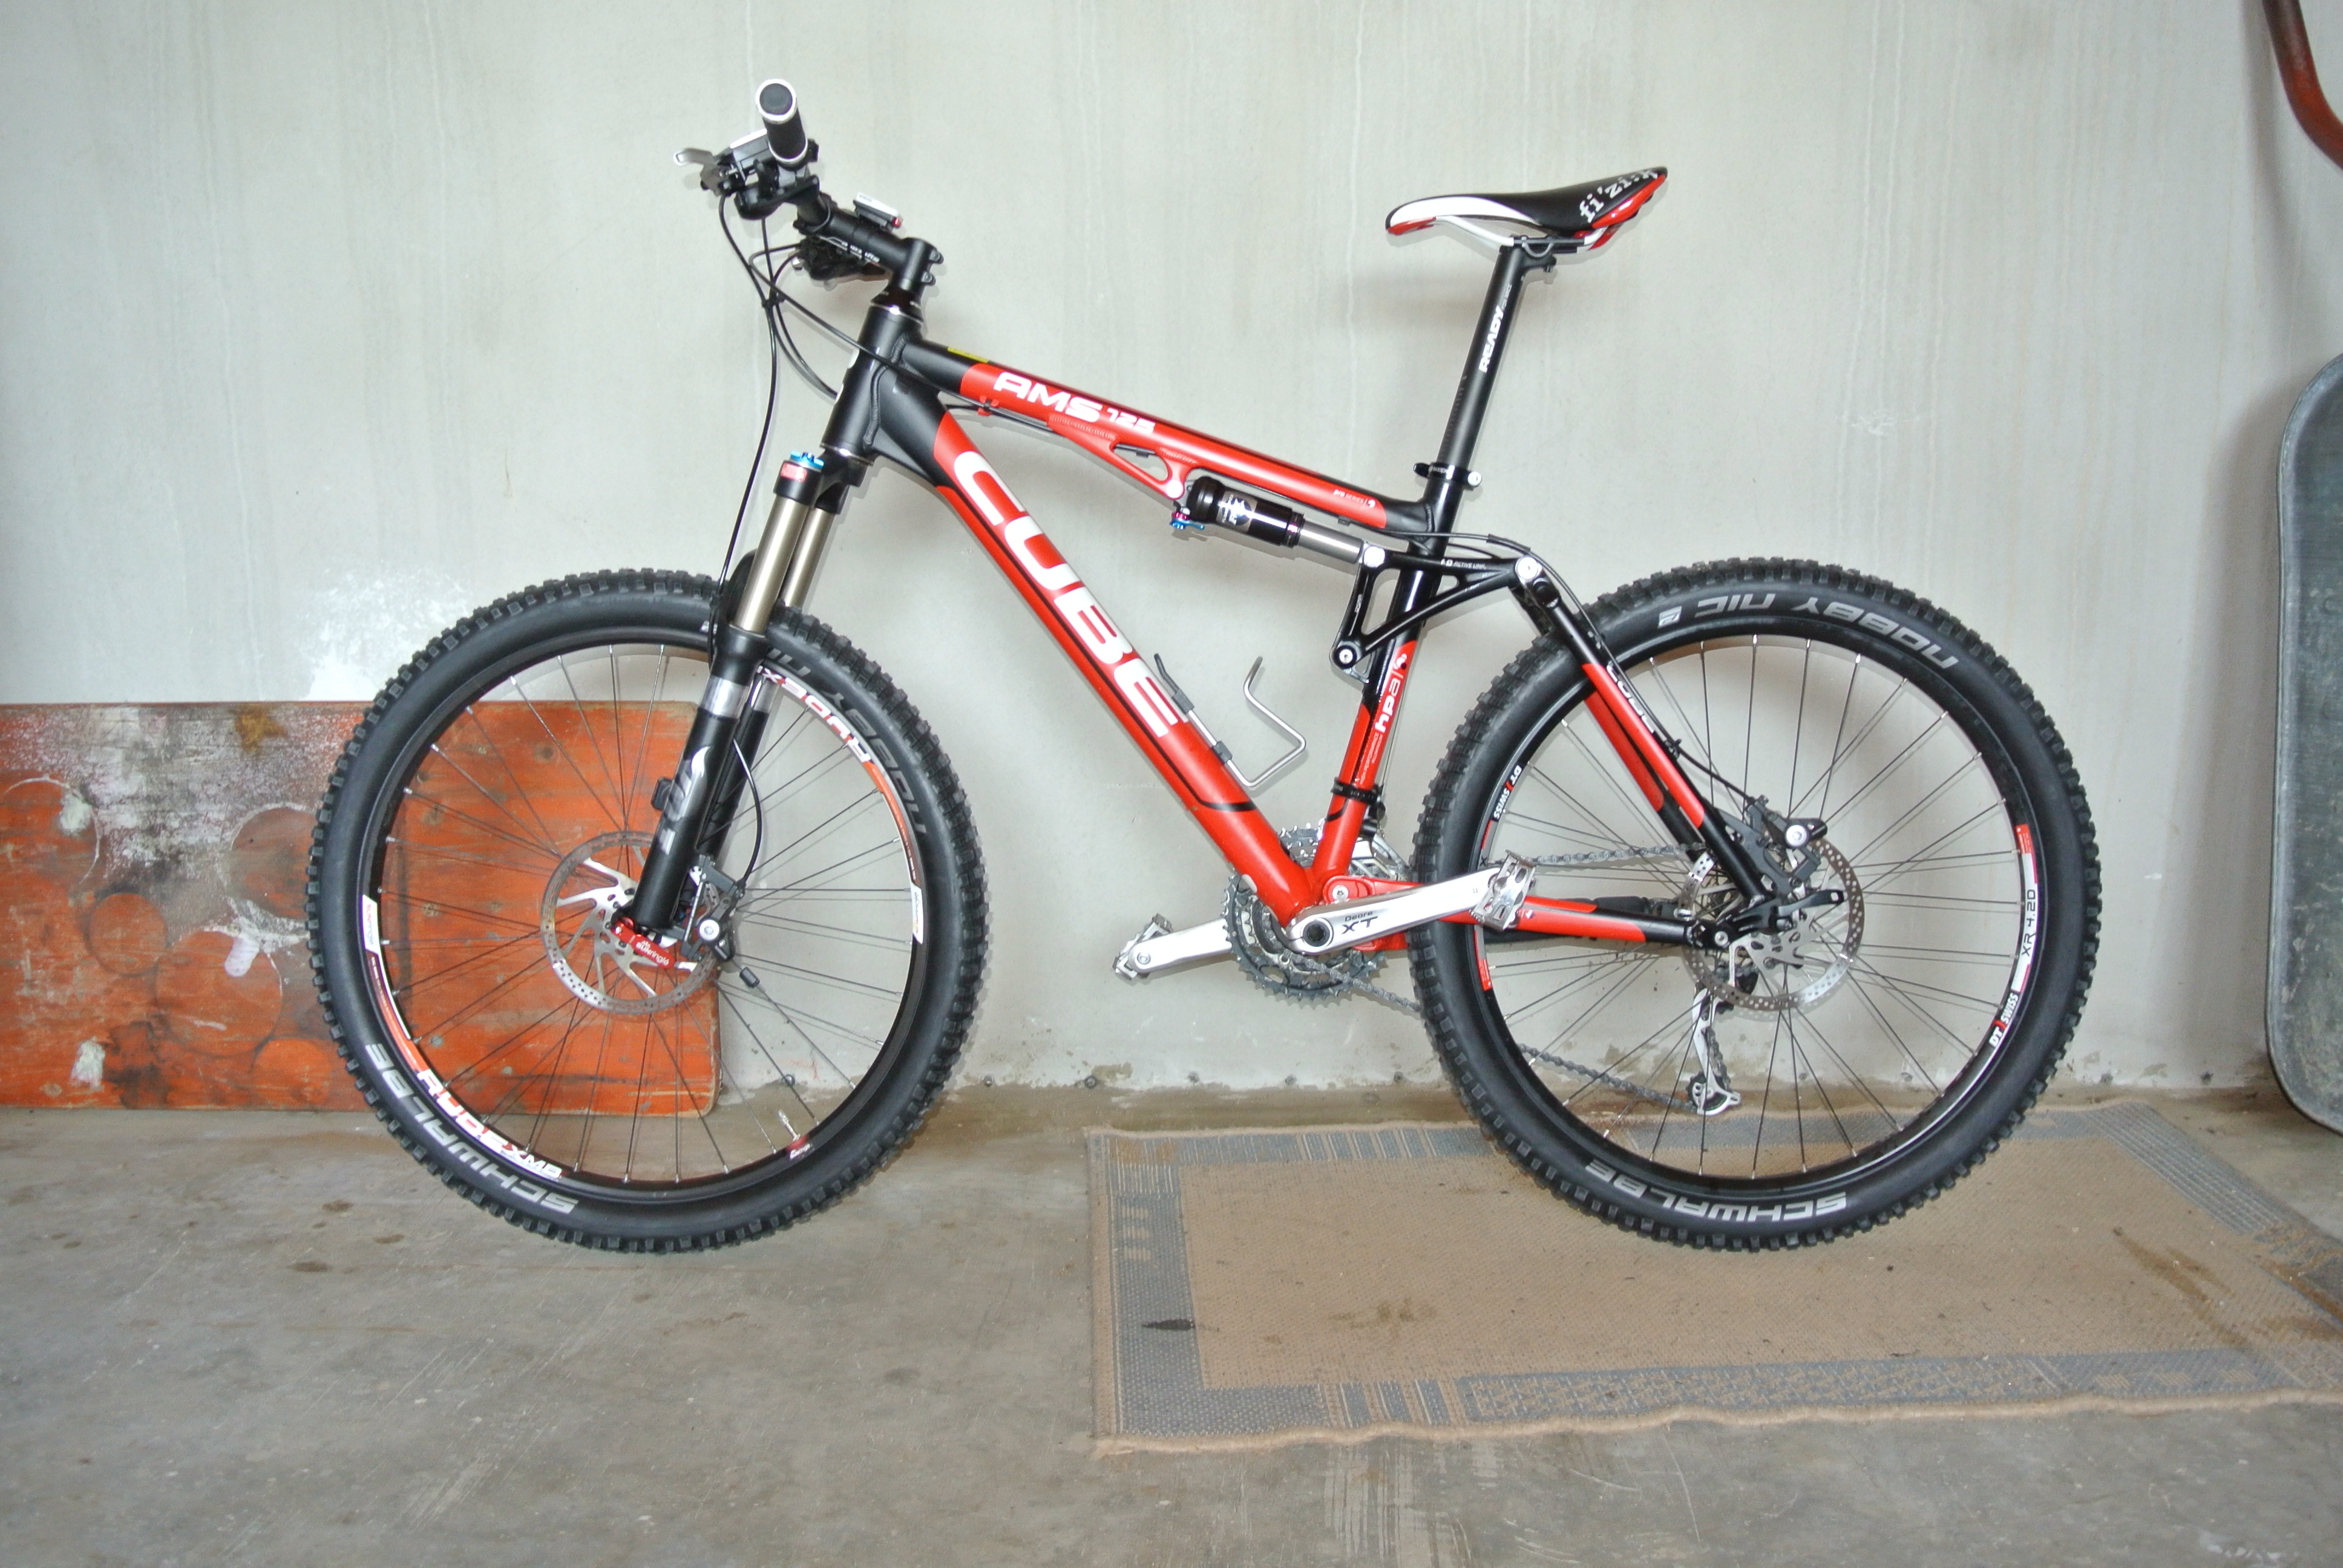 Was für ein Bike habt ihr? (Teil 2) [Archiv] - Seite 11 - 3DCenter Forum